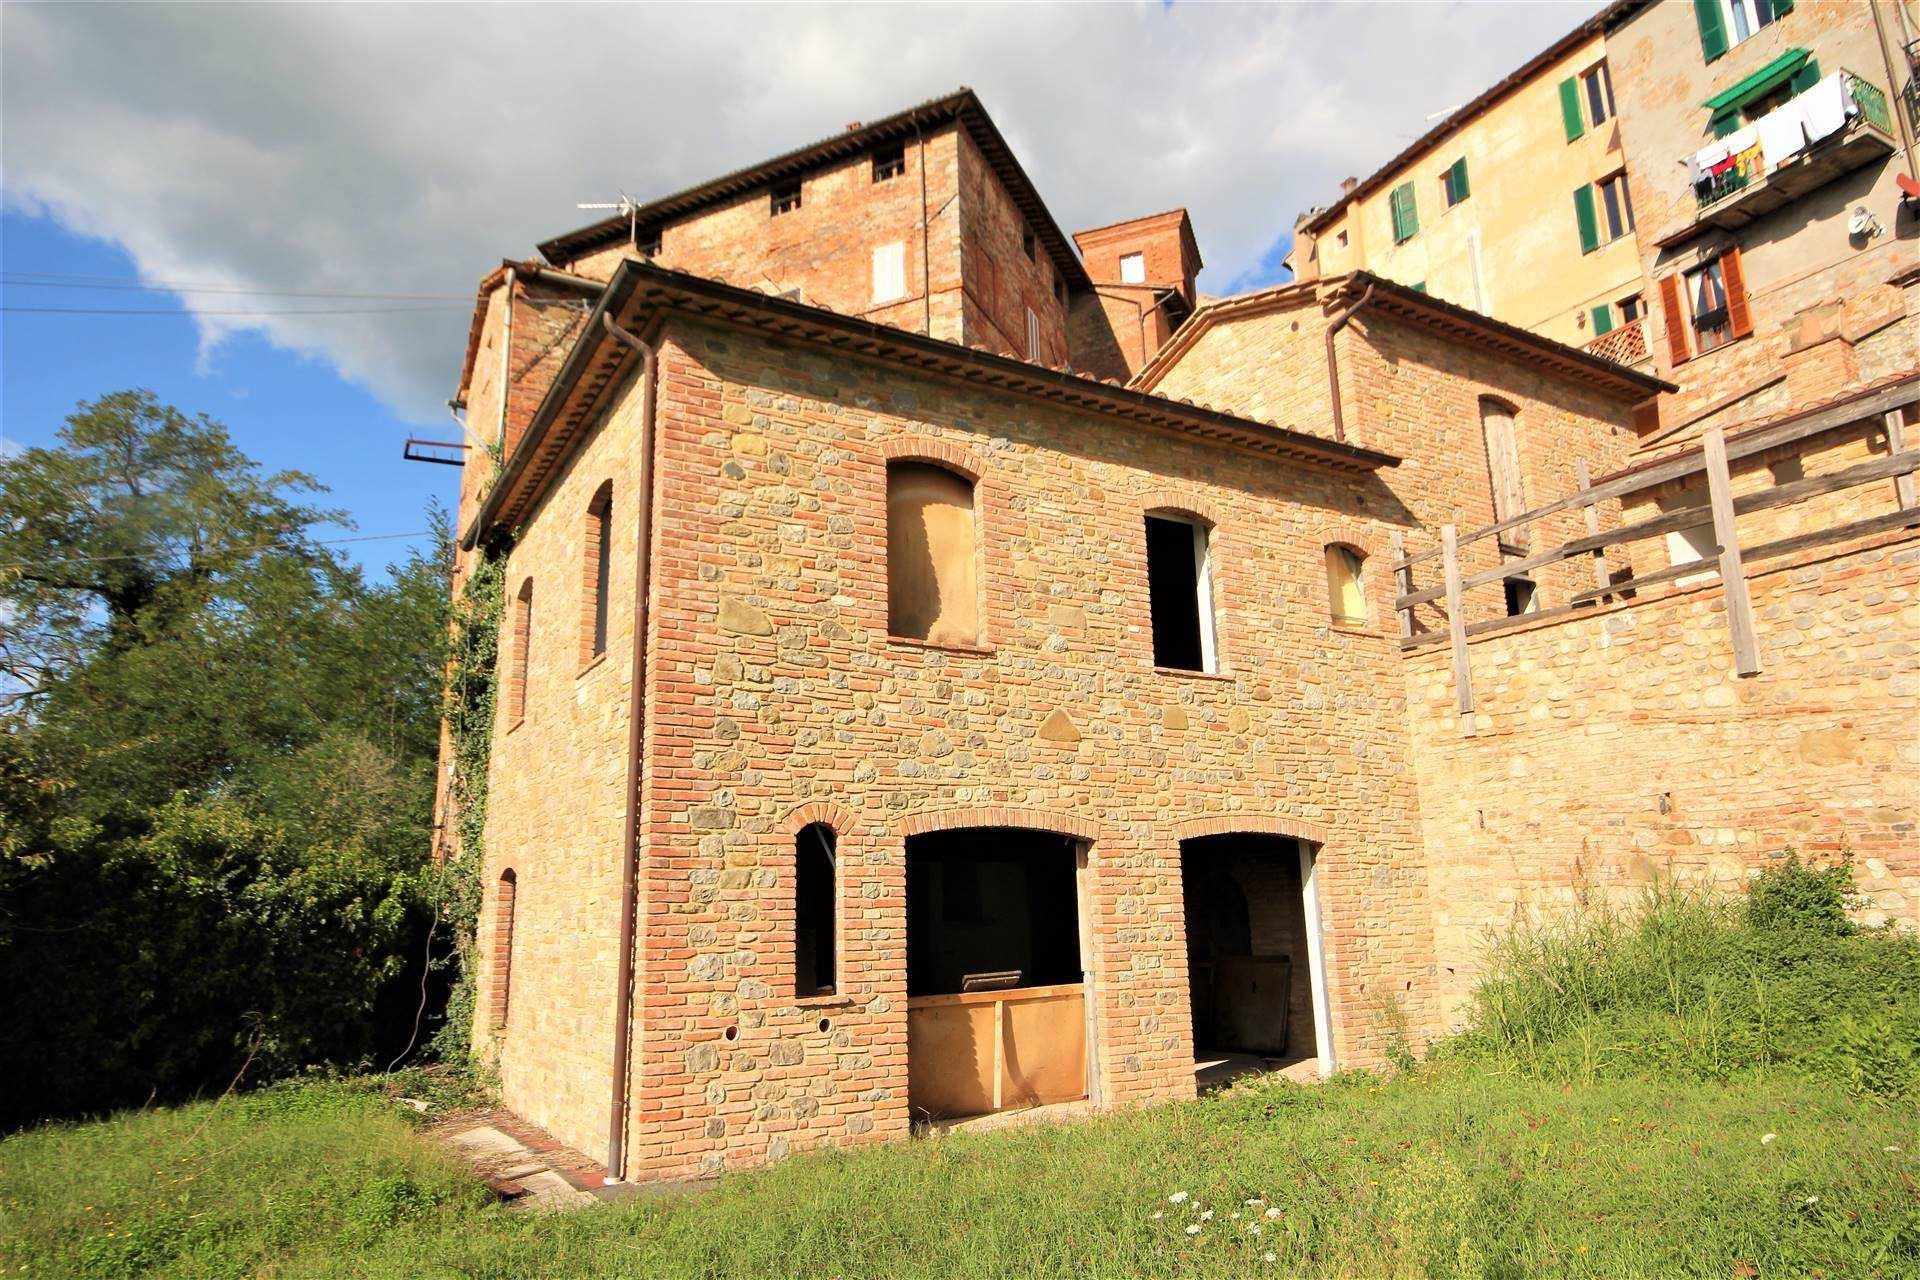 Rustico / Casale in vendita a Monteleone d'Orvieto, 6 locali, zona Zona: Colle Alto e Basso, prezzo € 350.000   CambioCasa.it